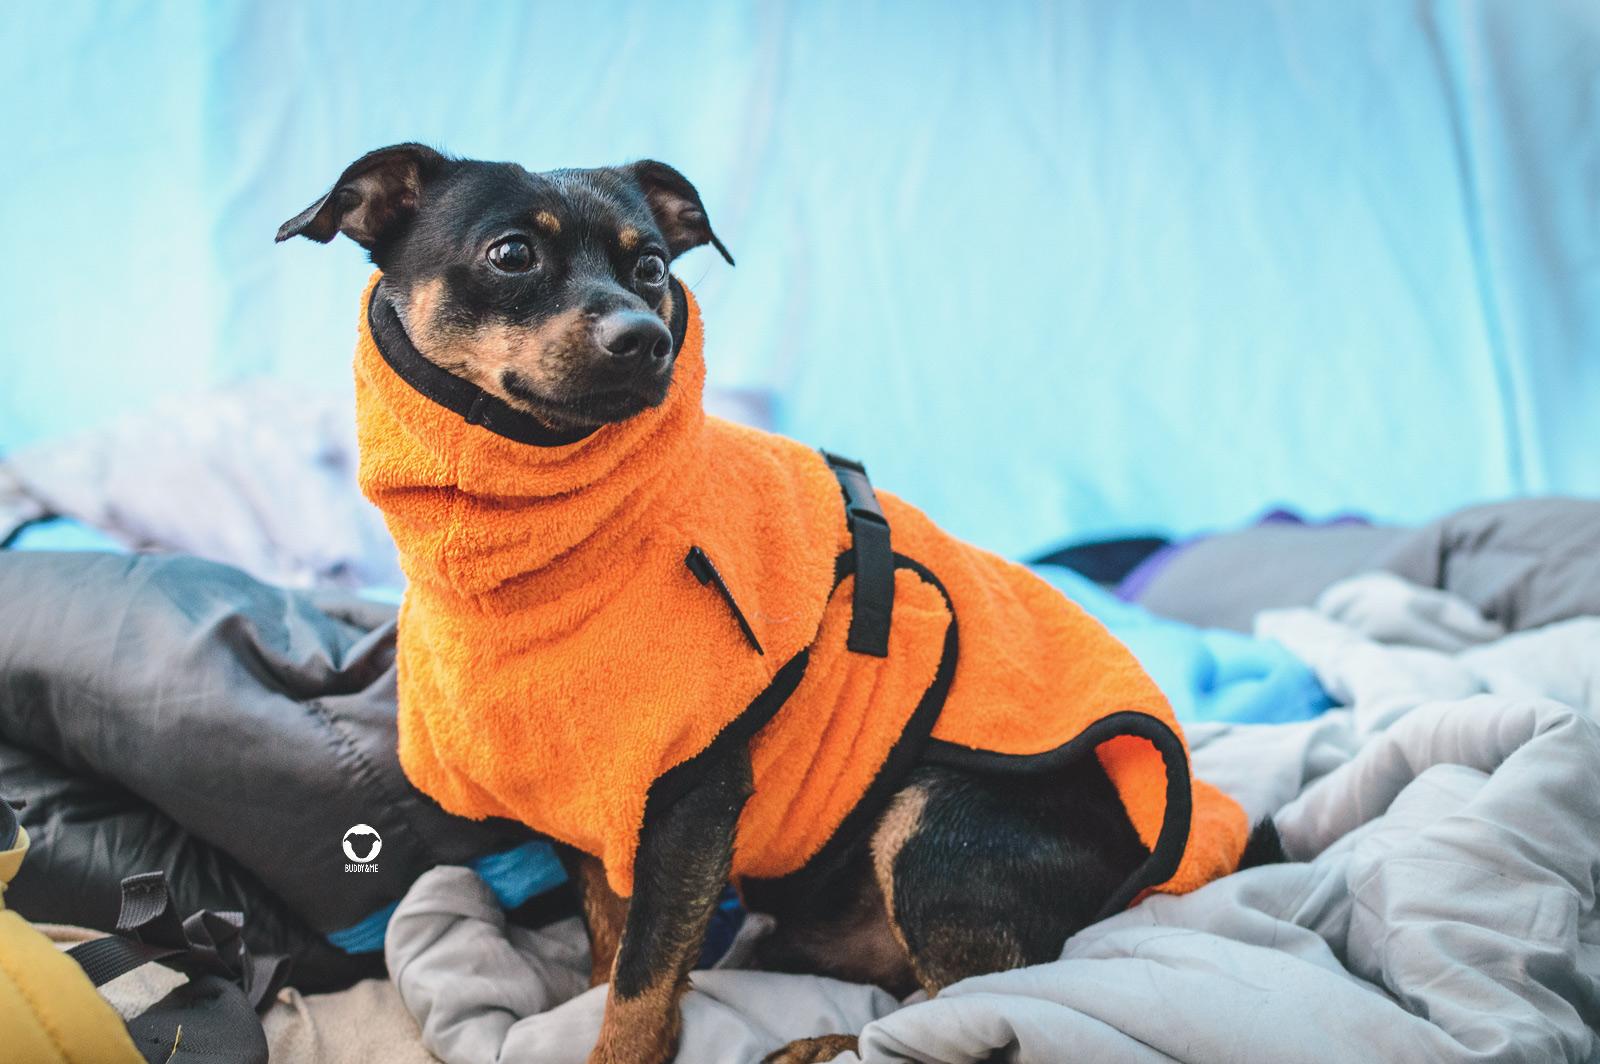 Pinscher Buddy, Buddy and Me, Hundeblog, Dogblog, Hundeurlaub, Urlaub mit Hund, Camping, Deutschland, Ostsee, deutsche Küste Fehmarn, Katharinenhof, August, Meer, Strand, Hundestrand, Naturstrand